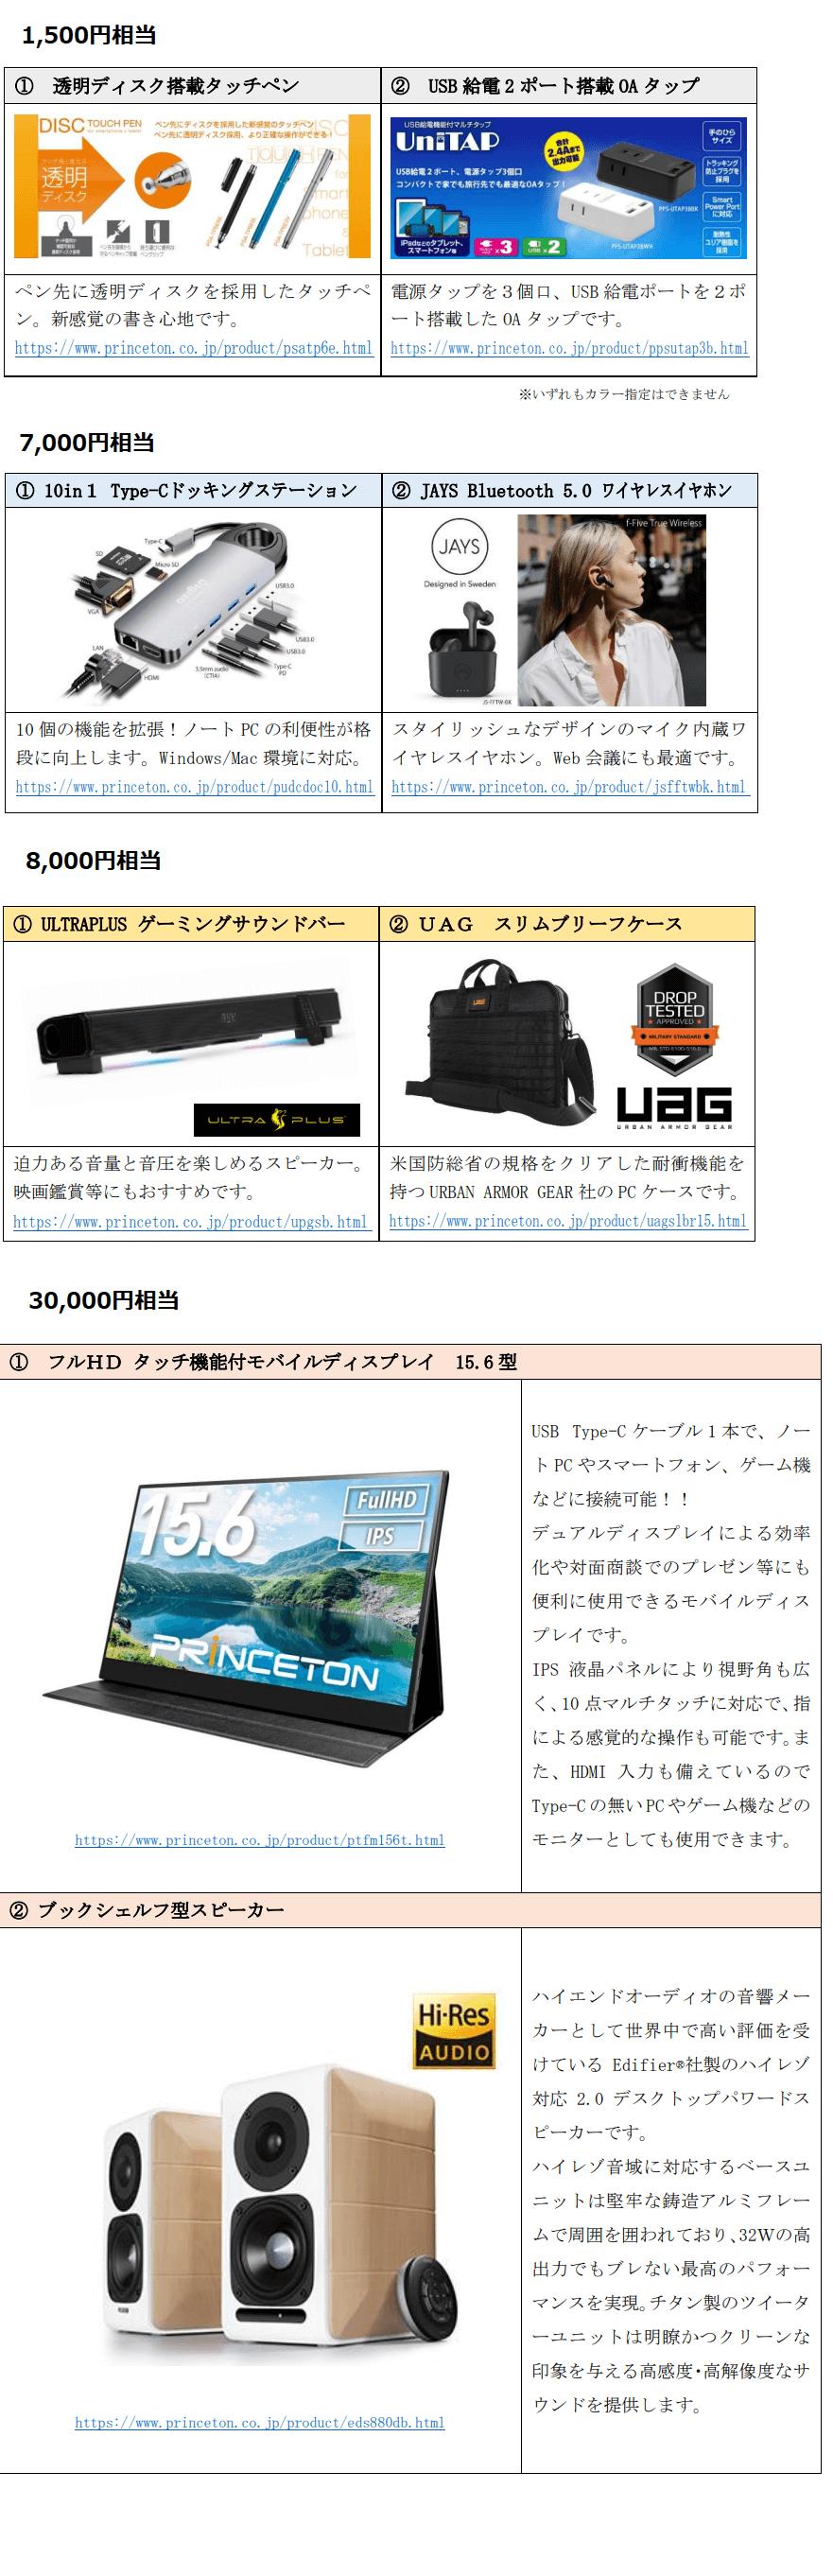 ミナトホールディングス株主優待プリンストン商品